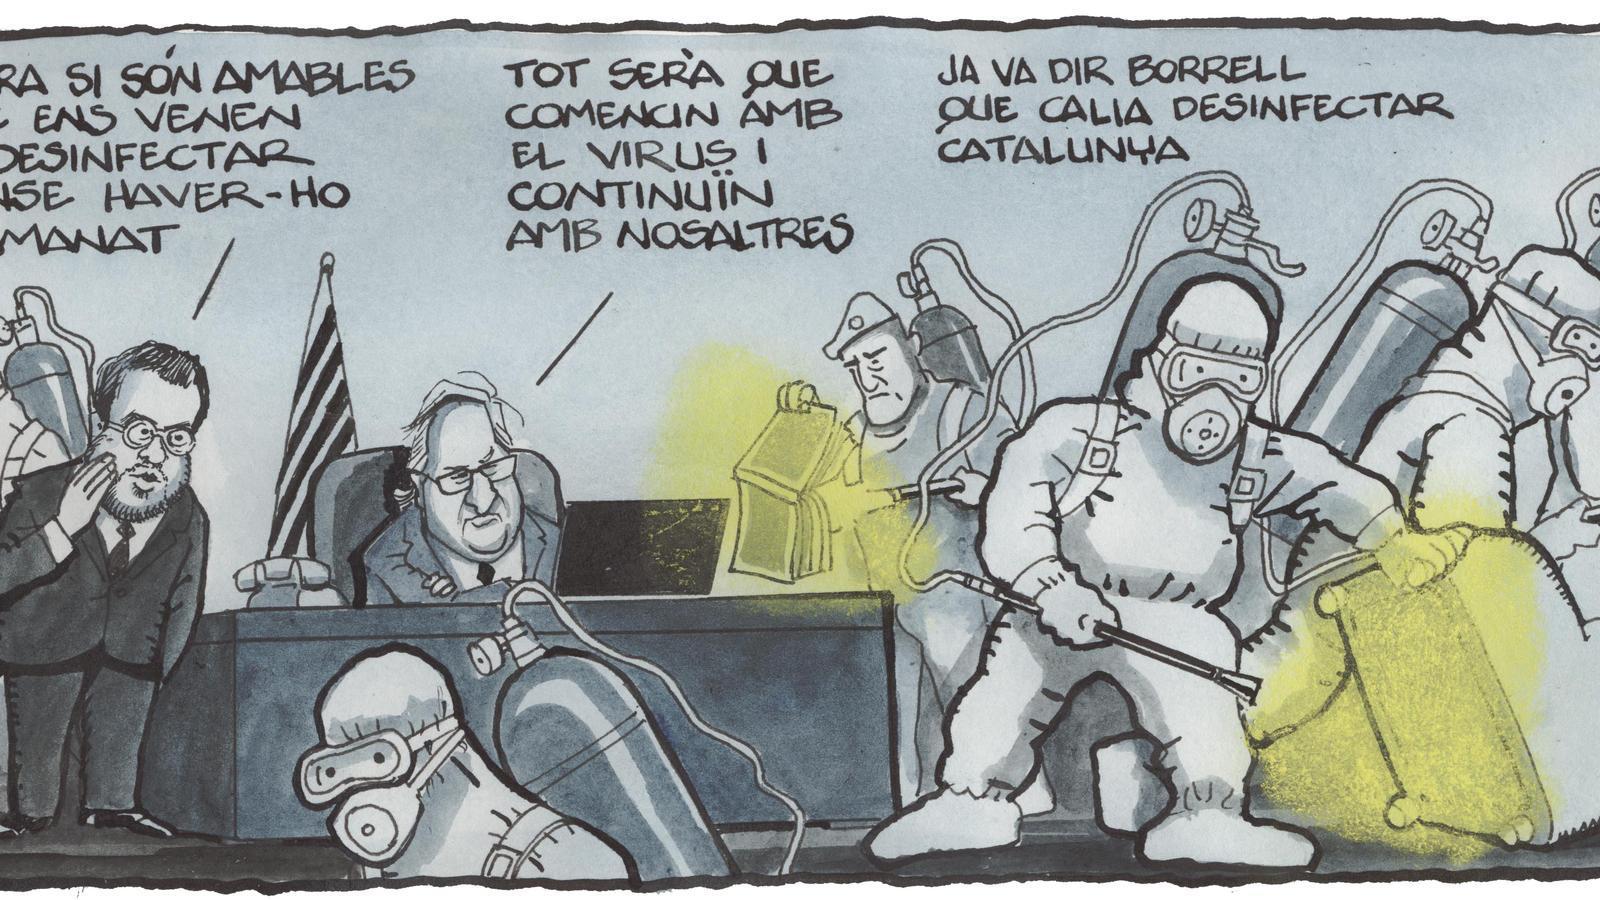 'A la contra', per Ferreres 27/03/2020